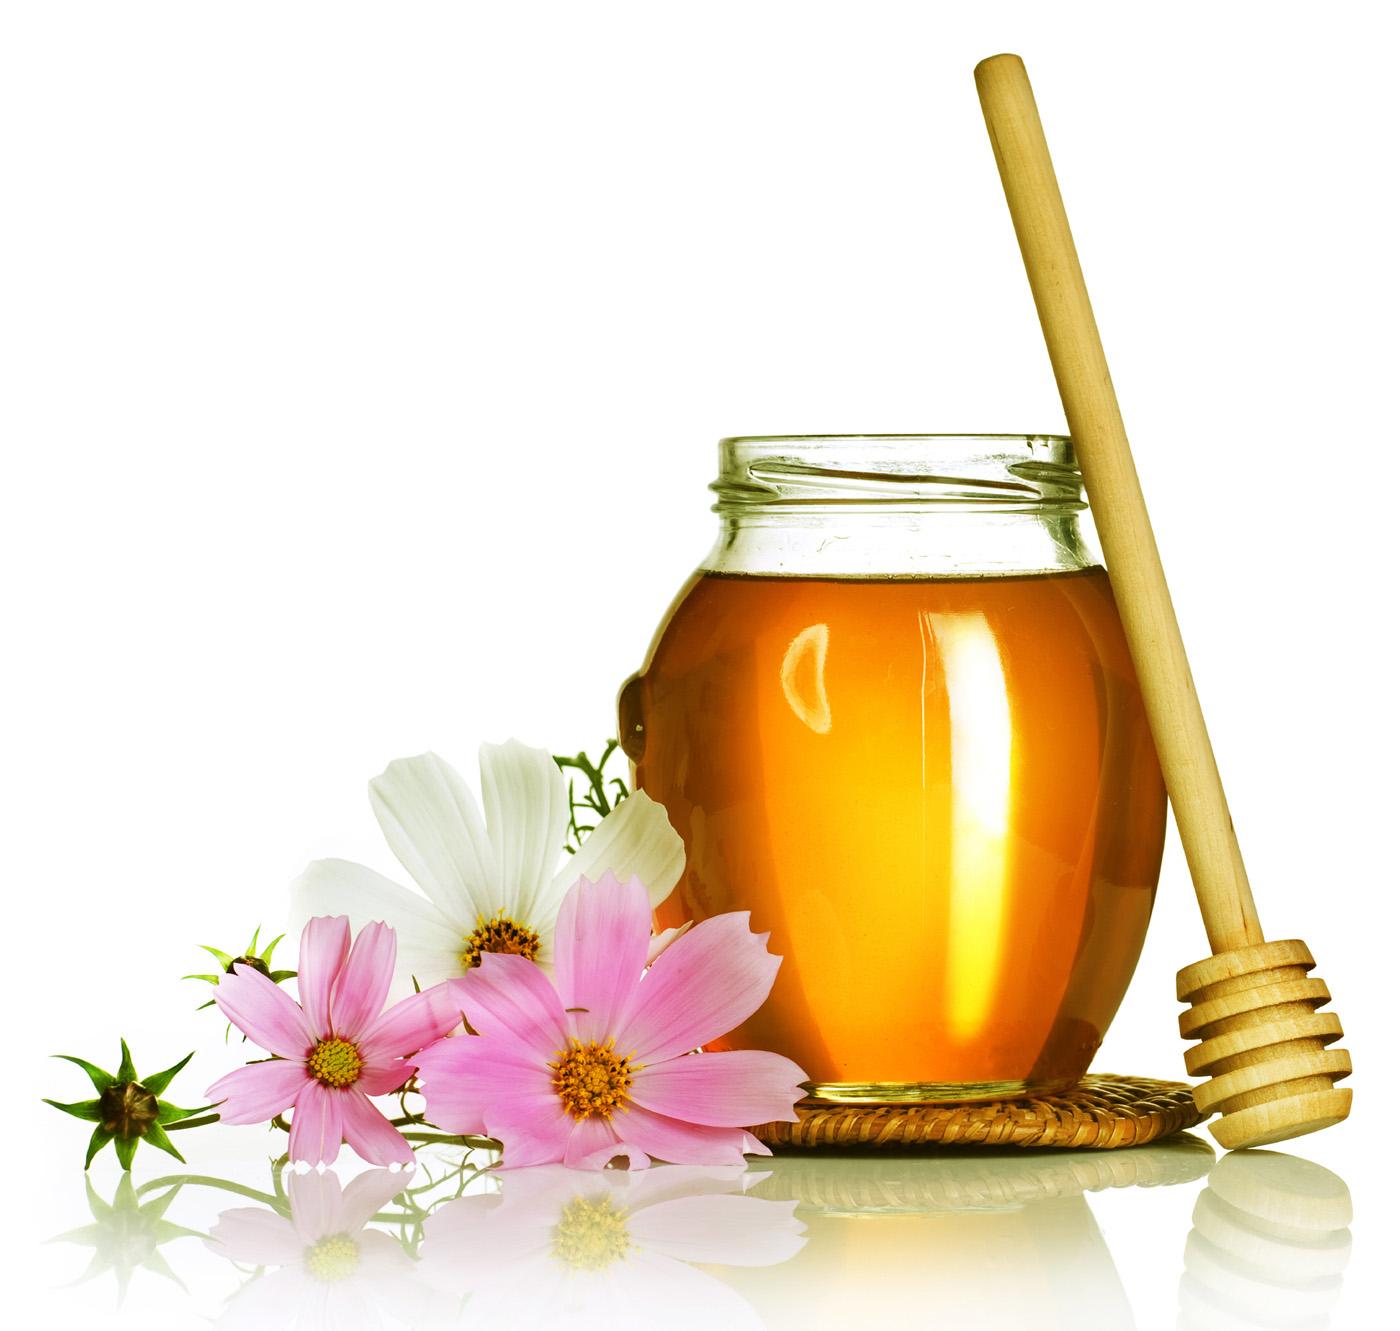 Description: mật ong nguyên chất